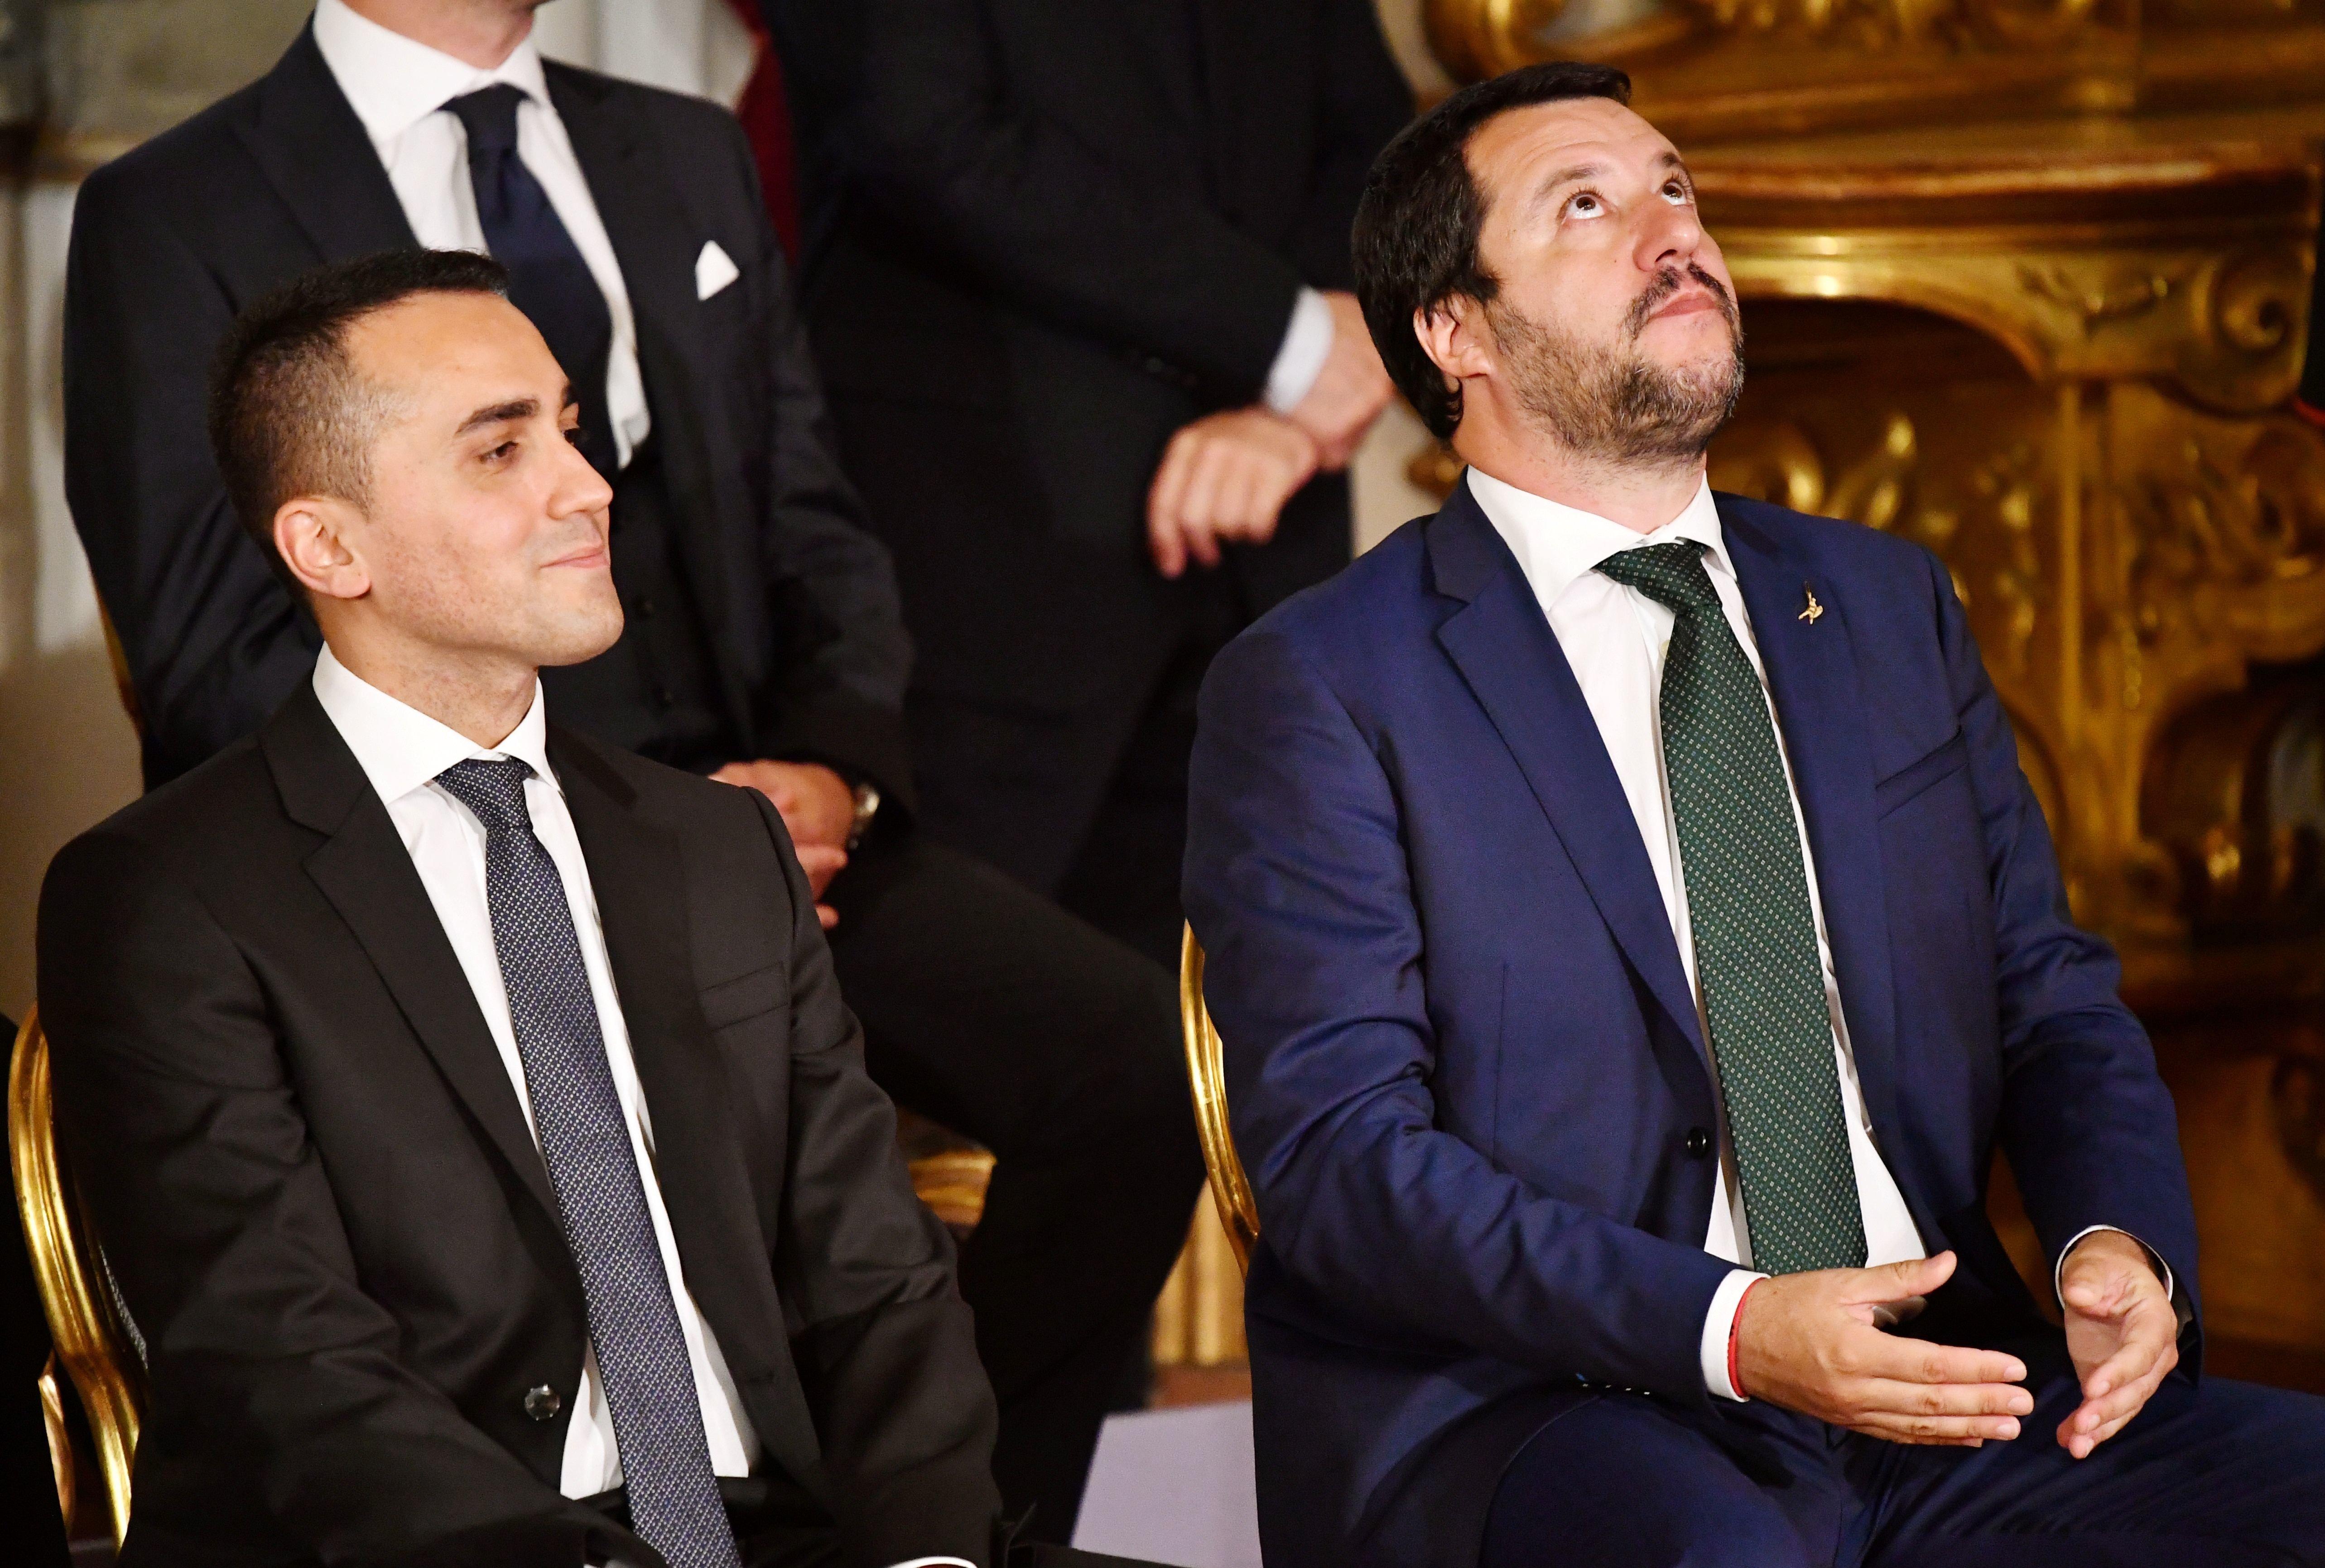 Ενδοκυβερνητική κόντρα στην Ιταλία με βαριές κατηγορίες από το Κίνημα Πέντε Αστέρων κατά της